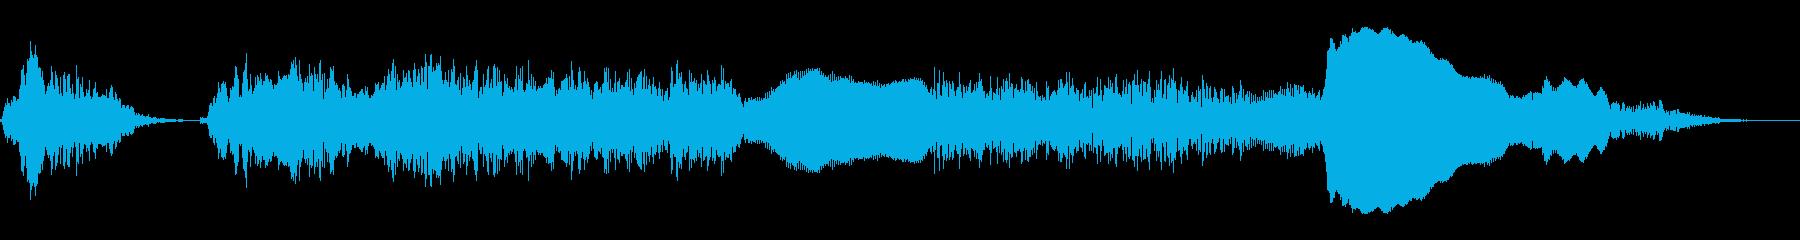 ニワトリの鳴き声(コケコッコー)の再生済みの波形